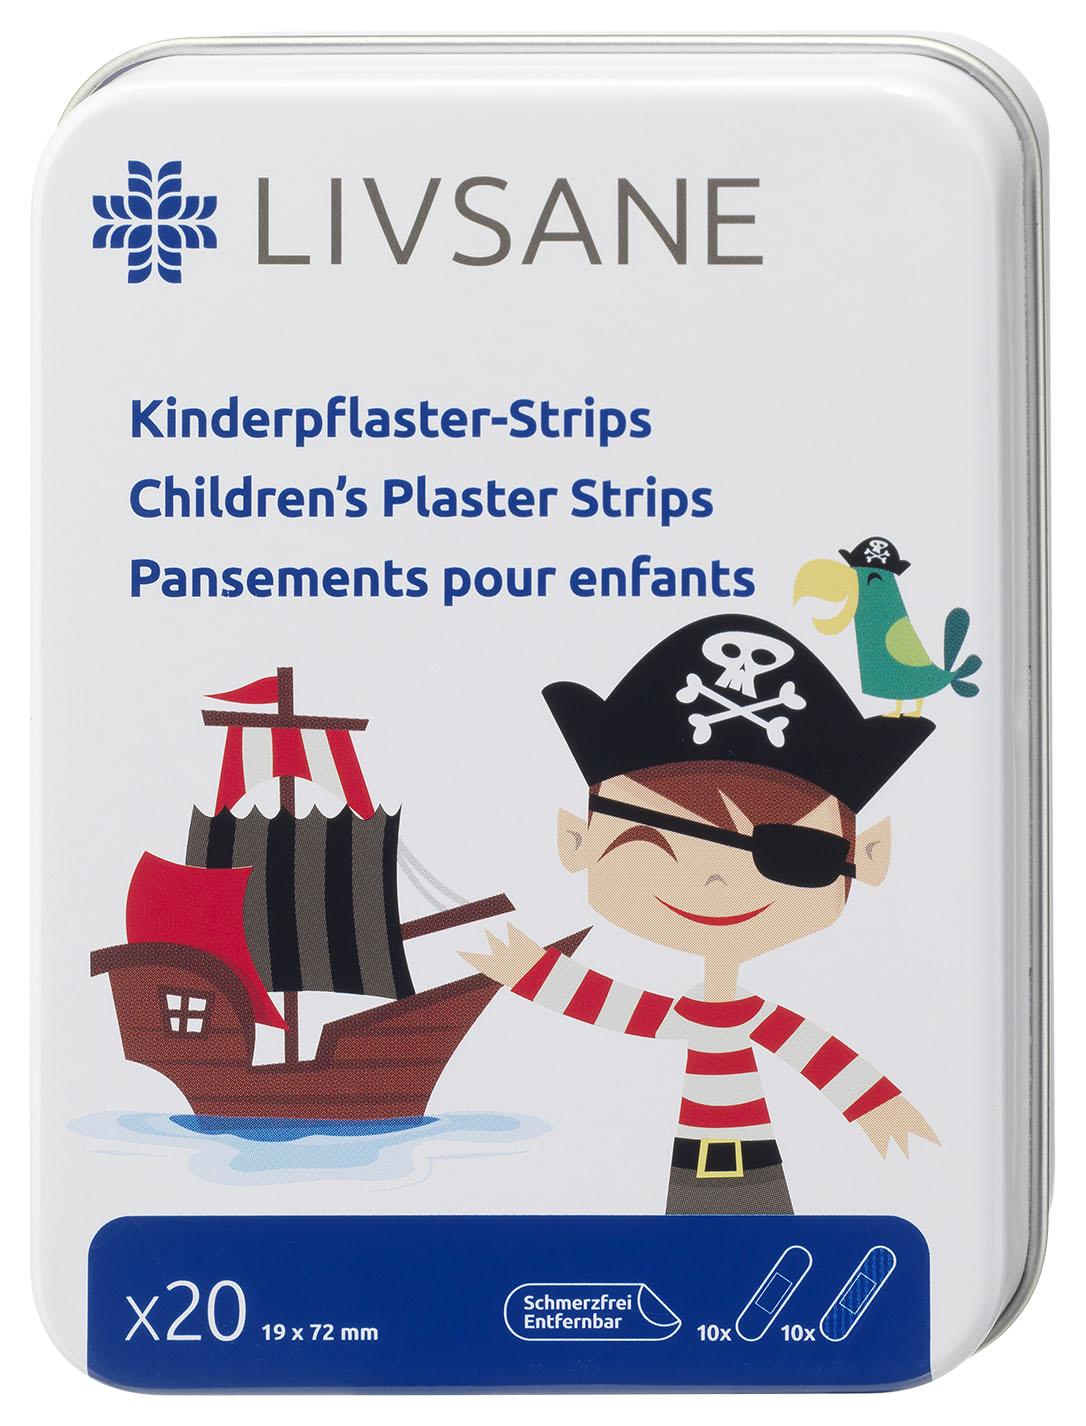 LIVSANE Náplasť detská prúžky Pirát 19x72 mm, 1x20 ks